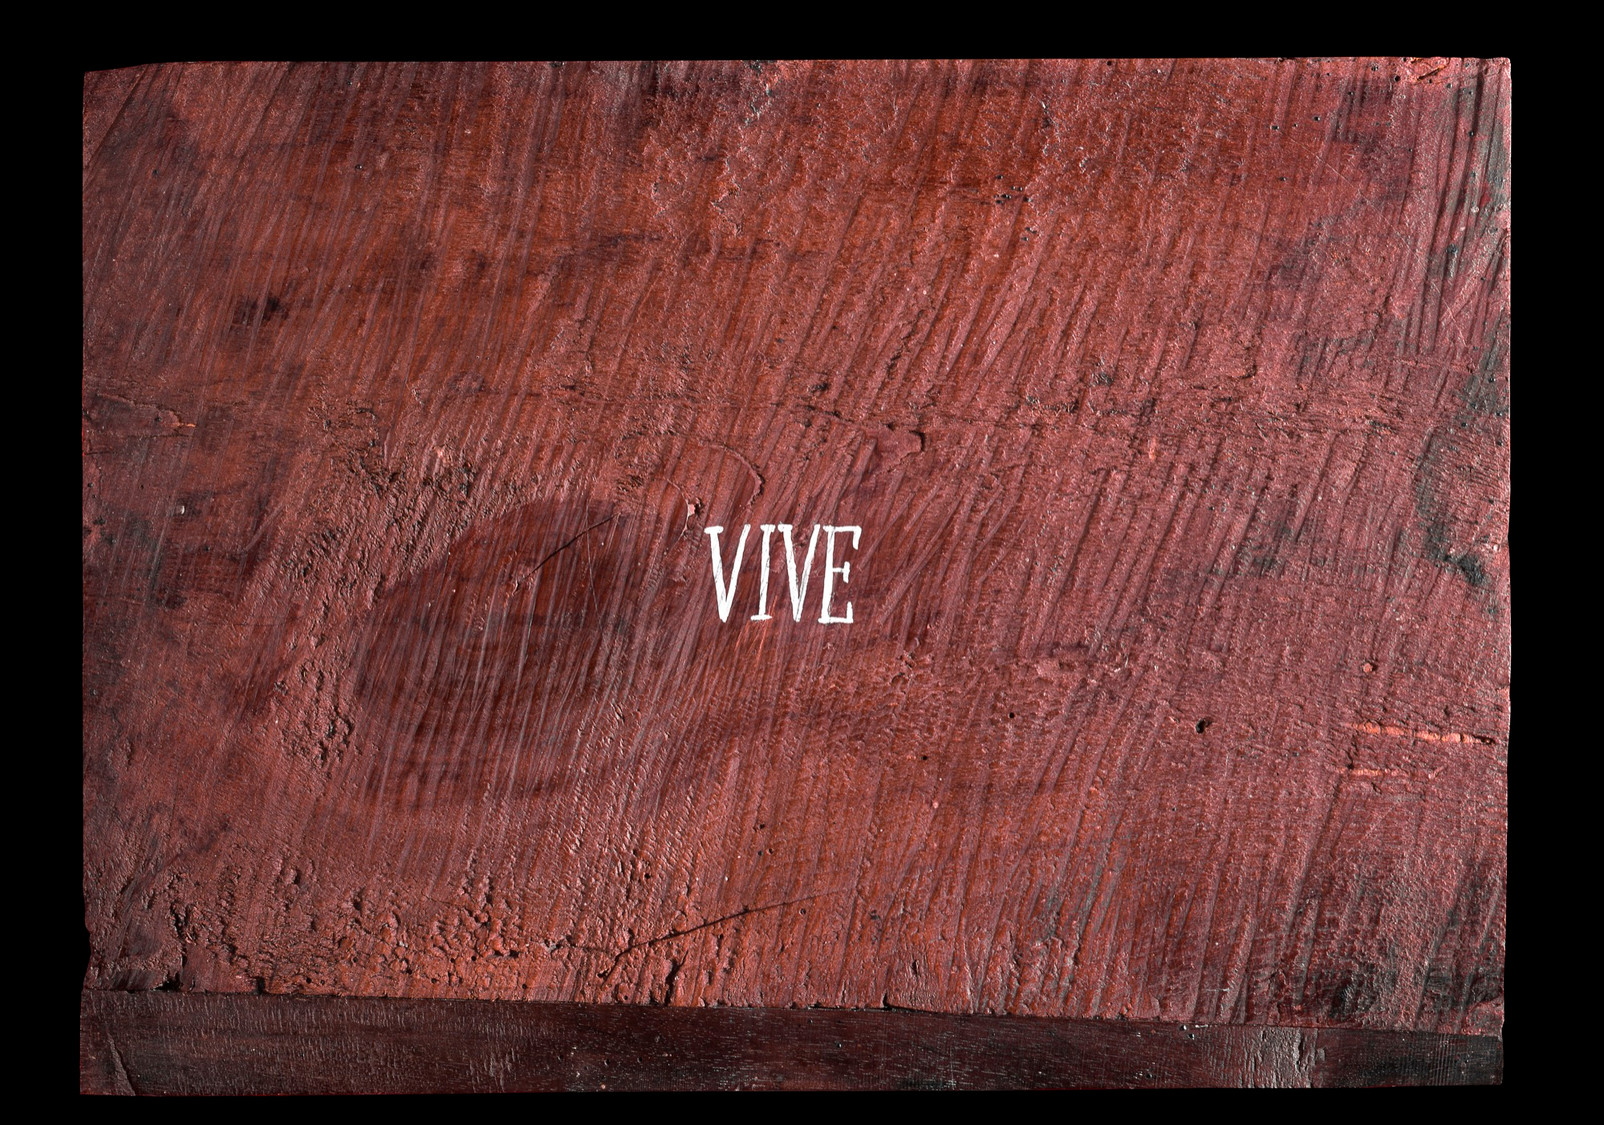 vive - 1977